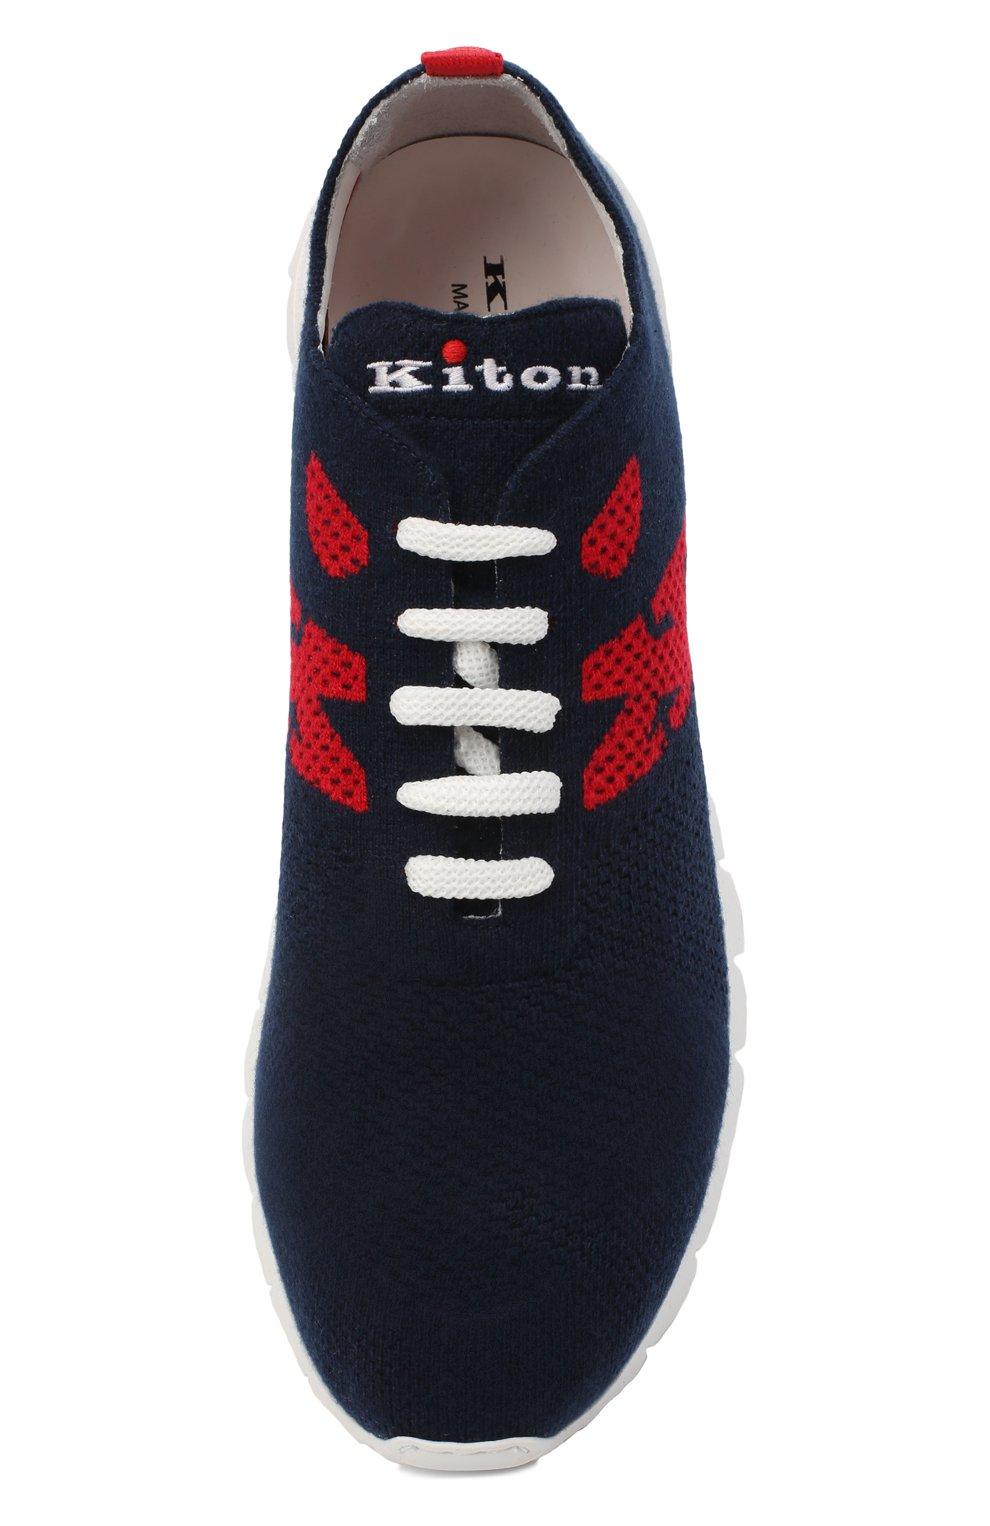 Мужские текстильные кроссовки KITON темно-синего цвета, арт. USSKD0TN00822 | Фото 5 (Материал внешний: Текстиль; Материал внутренний: Натуральная кожа; Подошва: Массивная; Стили: Спорт)